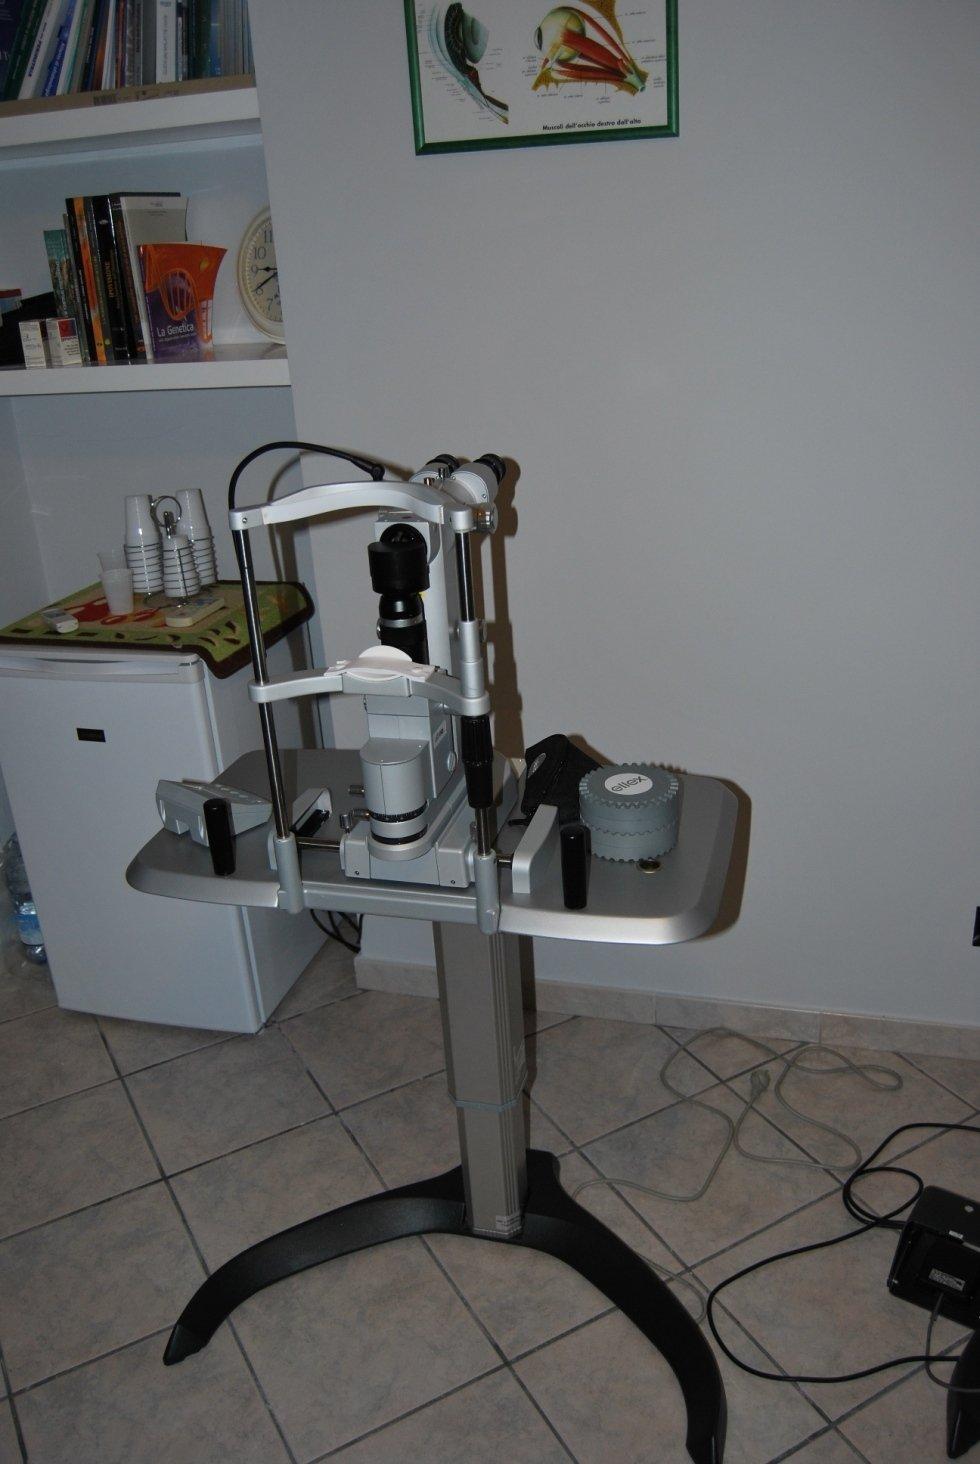 strumenti diagnostici per vista